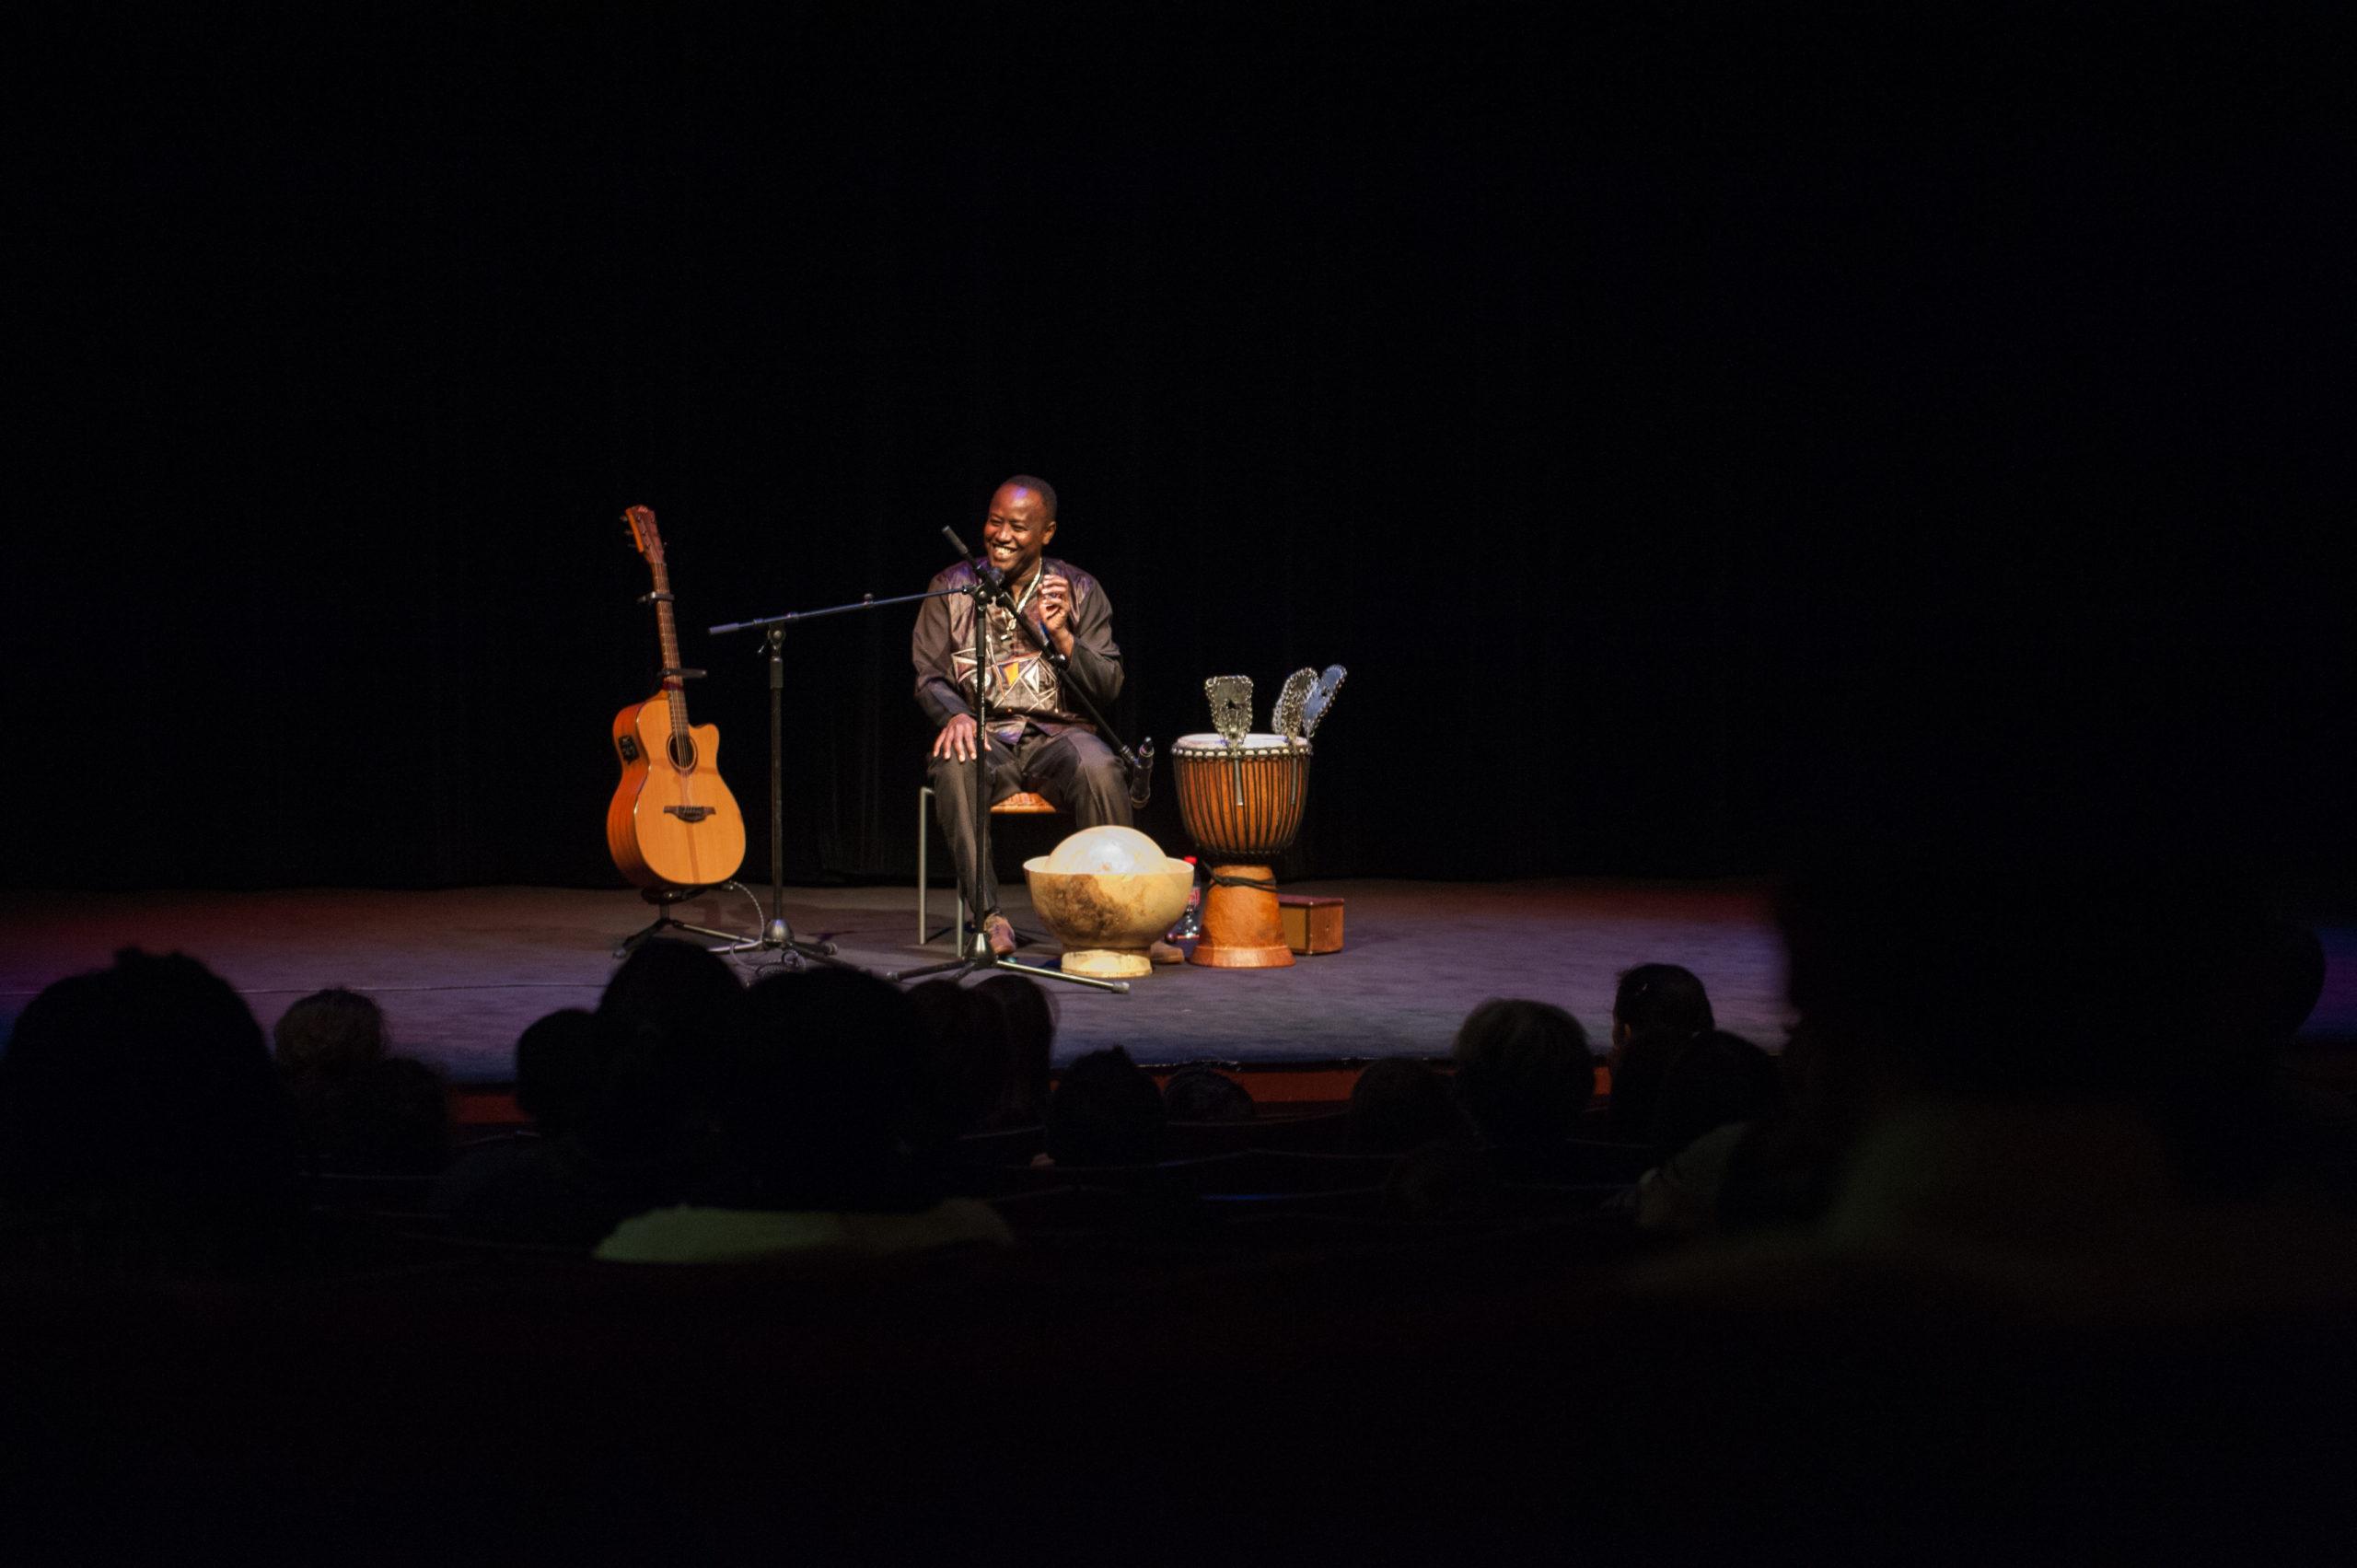 Souleymane Mbodj | Conte musical africain Bibliothèque L'Heure joyeuse Paris